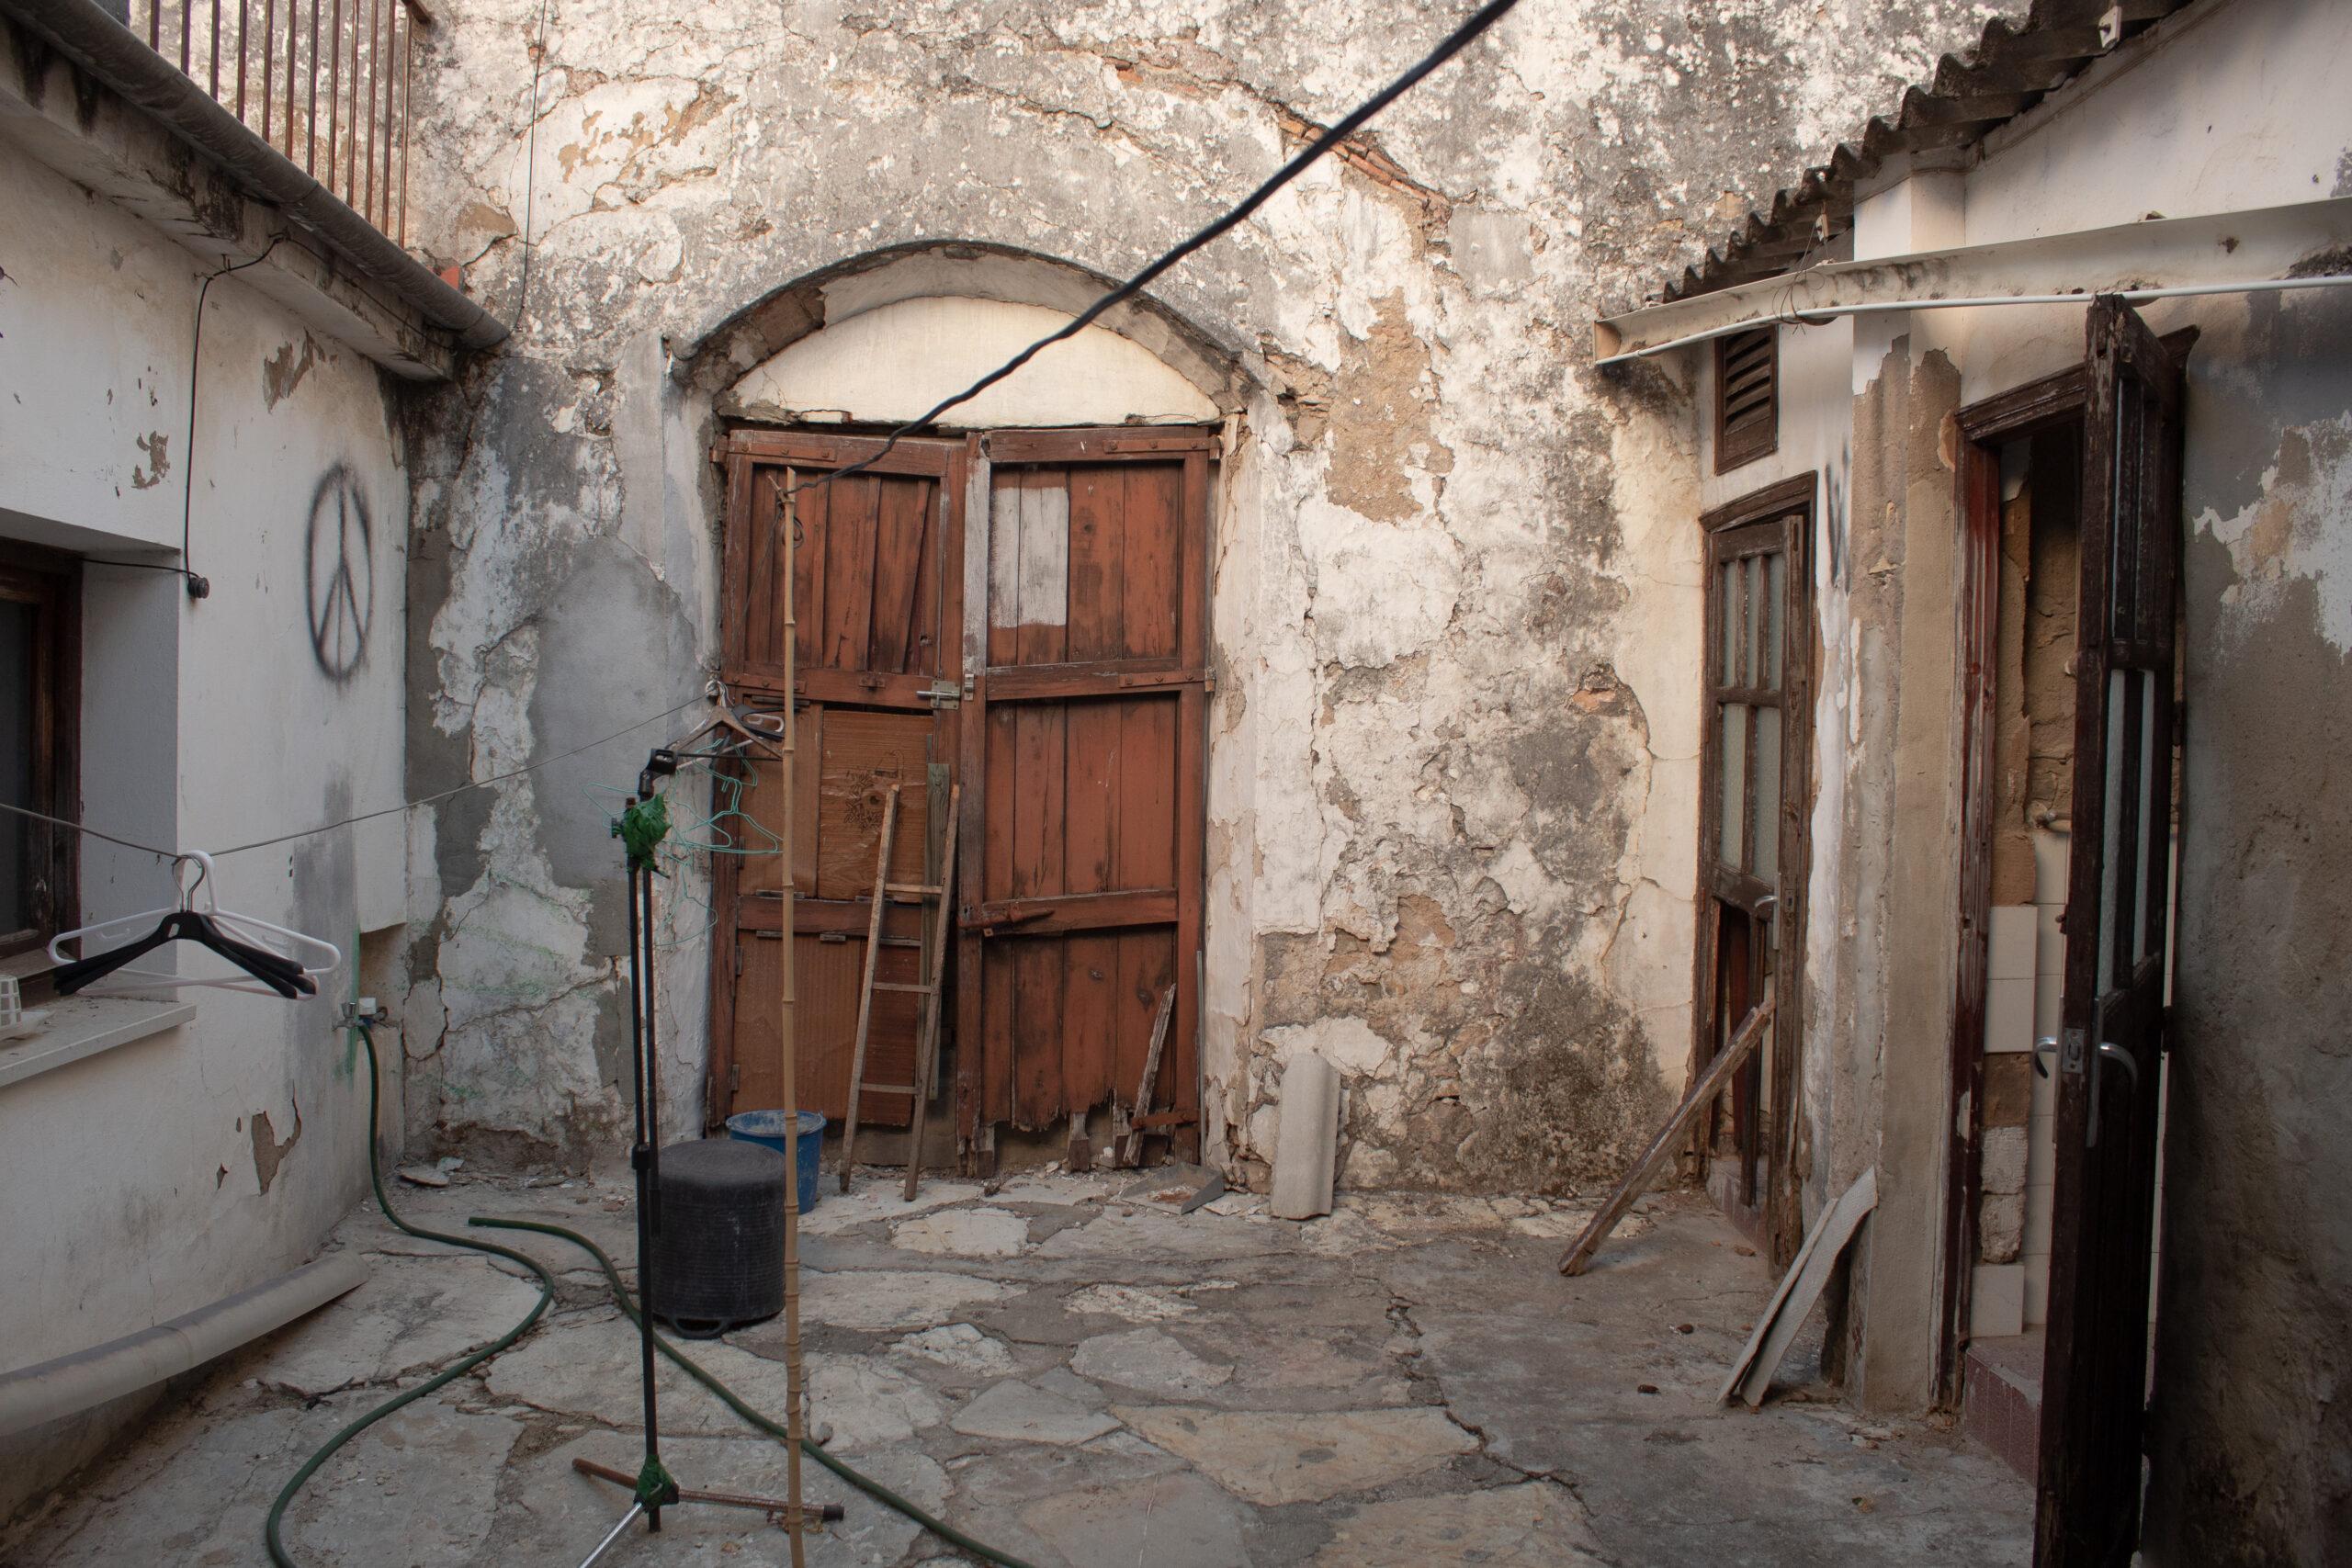 Puerta antigua de madera, aún tapiada